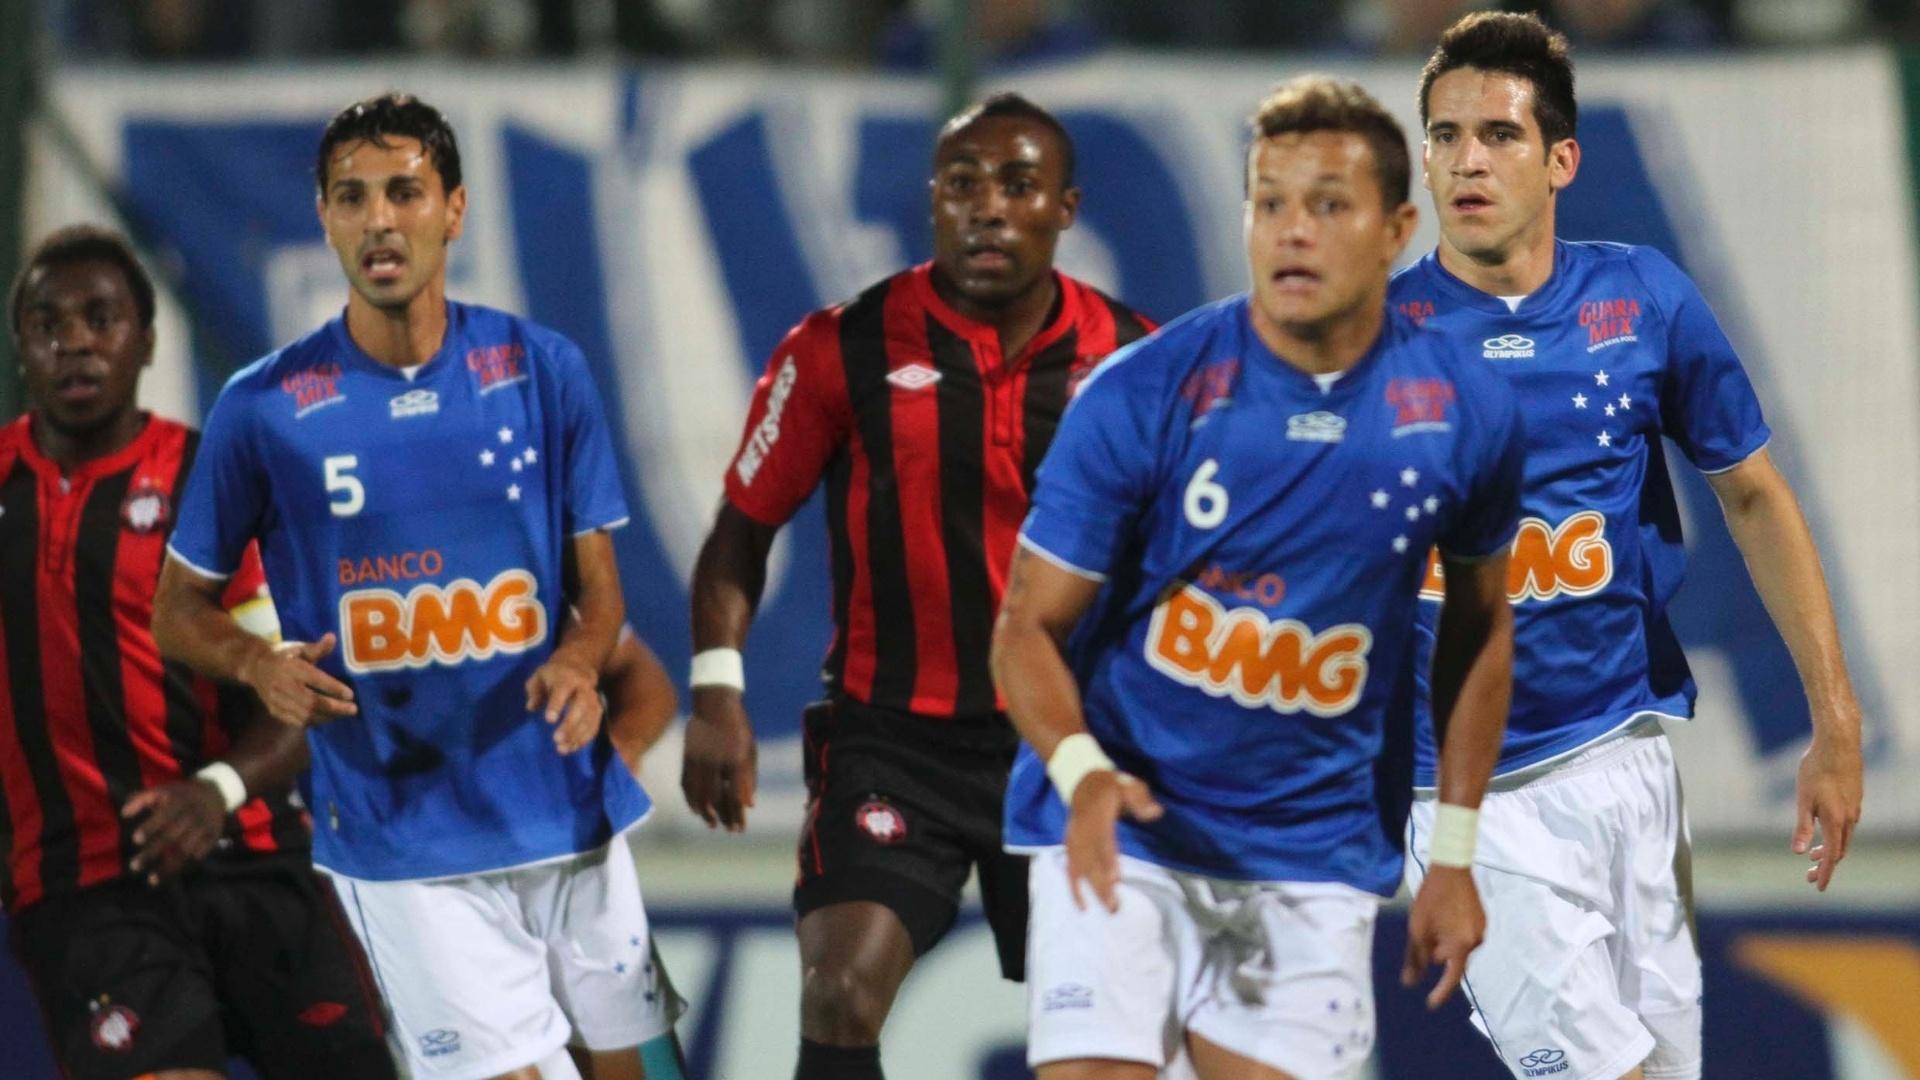 Jogadores do Cruzeiro e do Atlético-PR disputam espaço